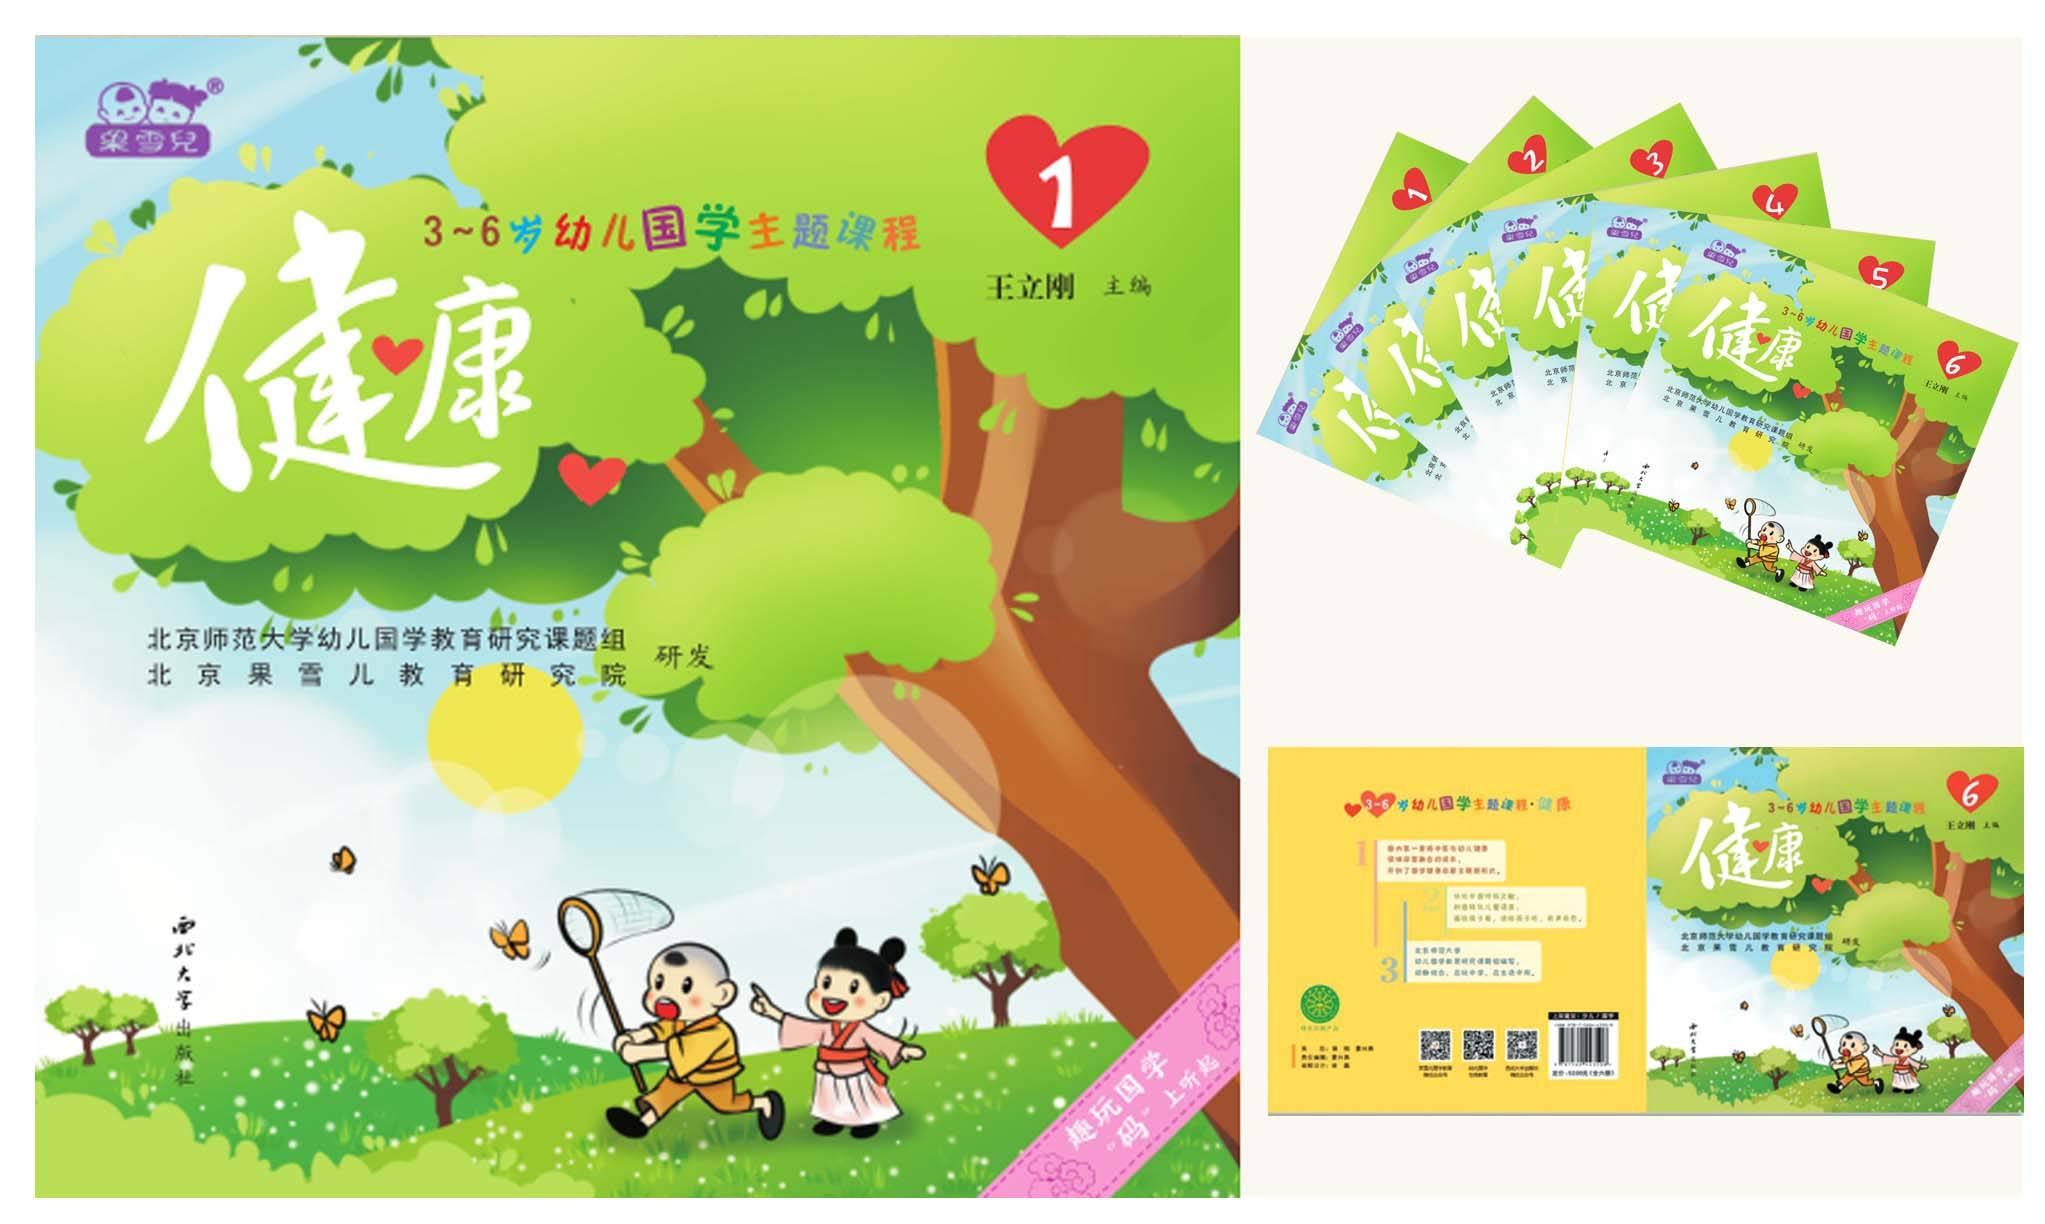 幼儿园健康教育的策略 (转载)  健康领域教法有哪些